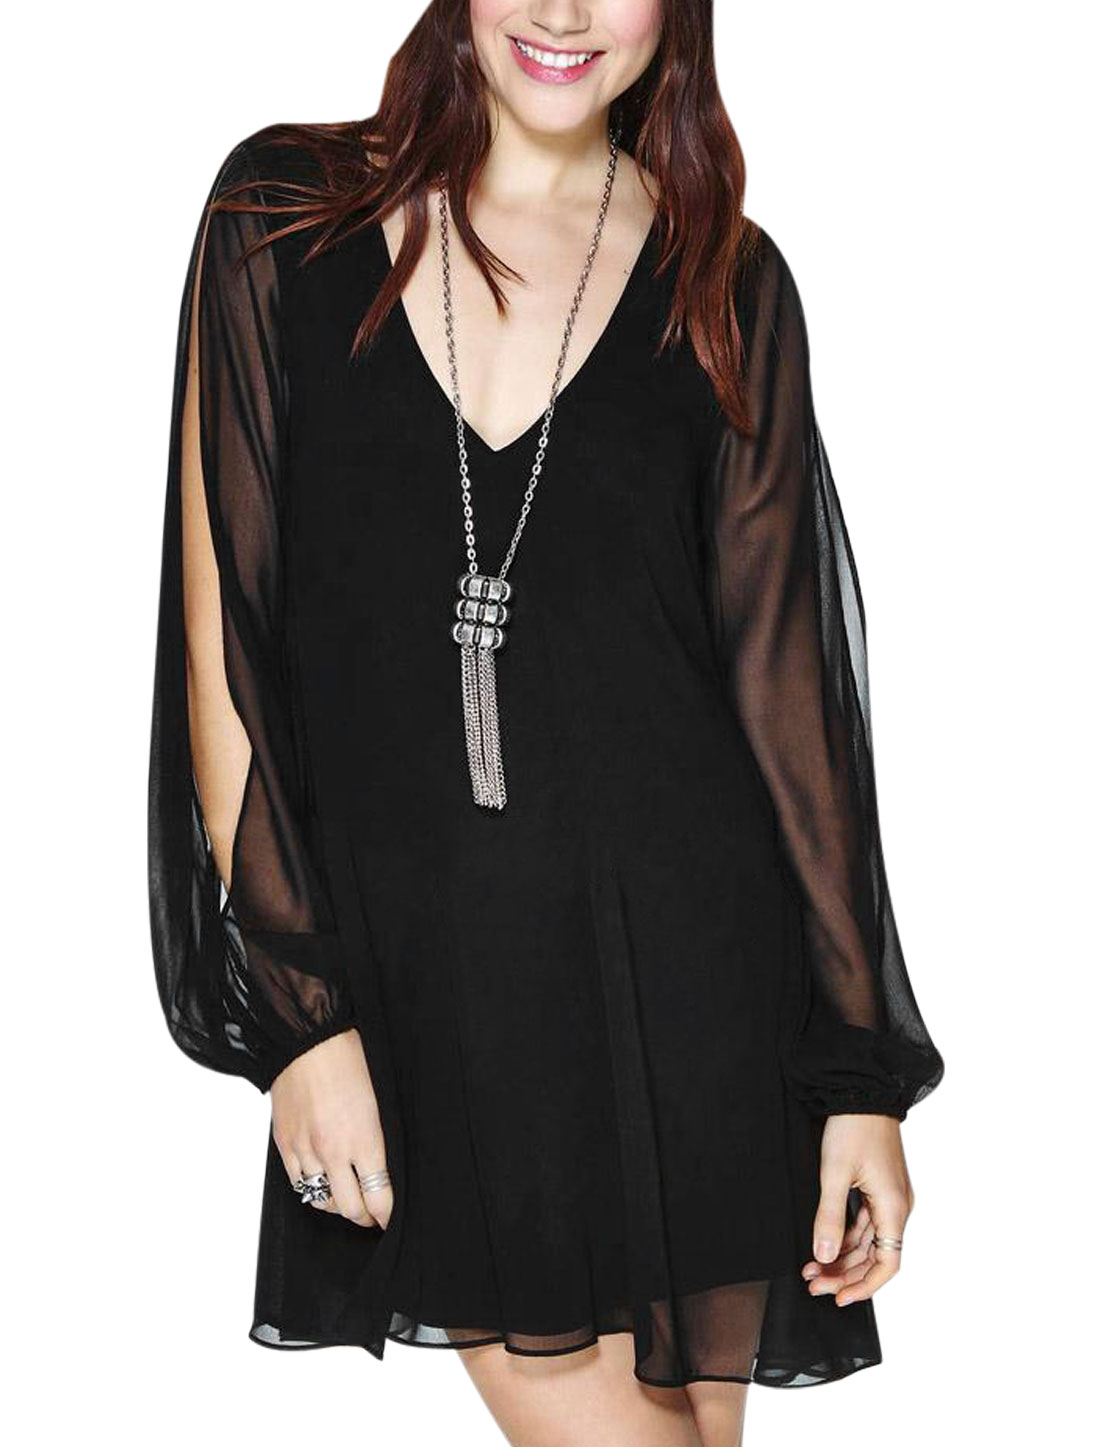 Women Cut Out Sleeve Semi Sheer Lined Split Back Short Dress Black S